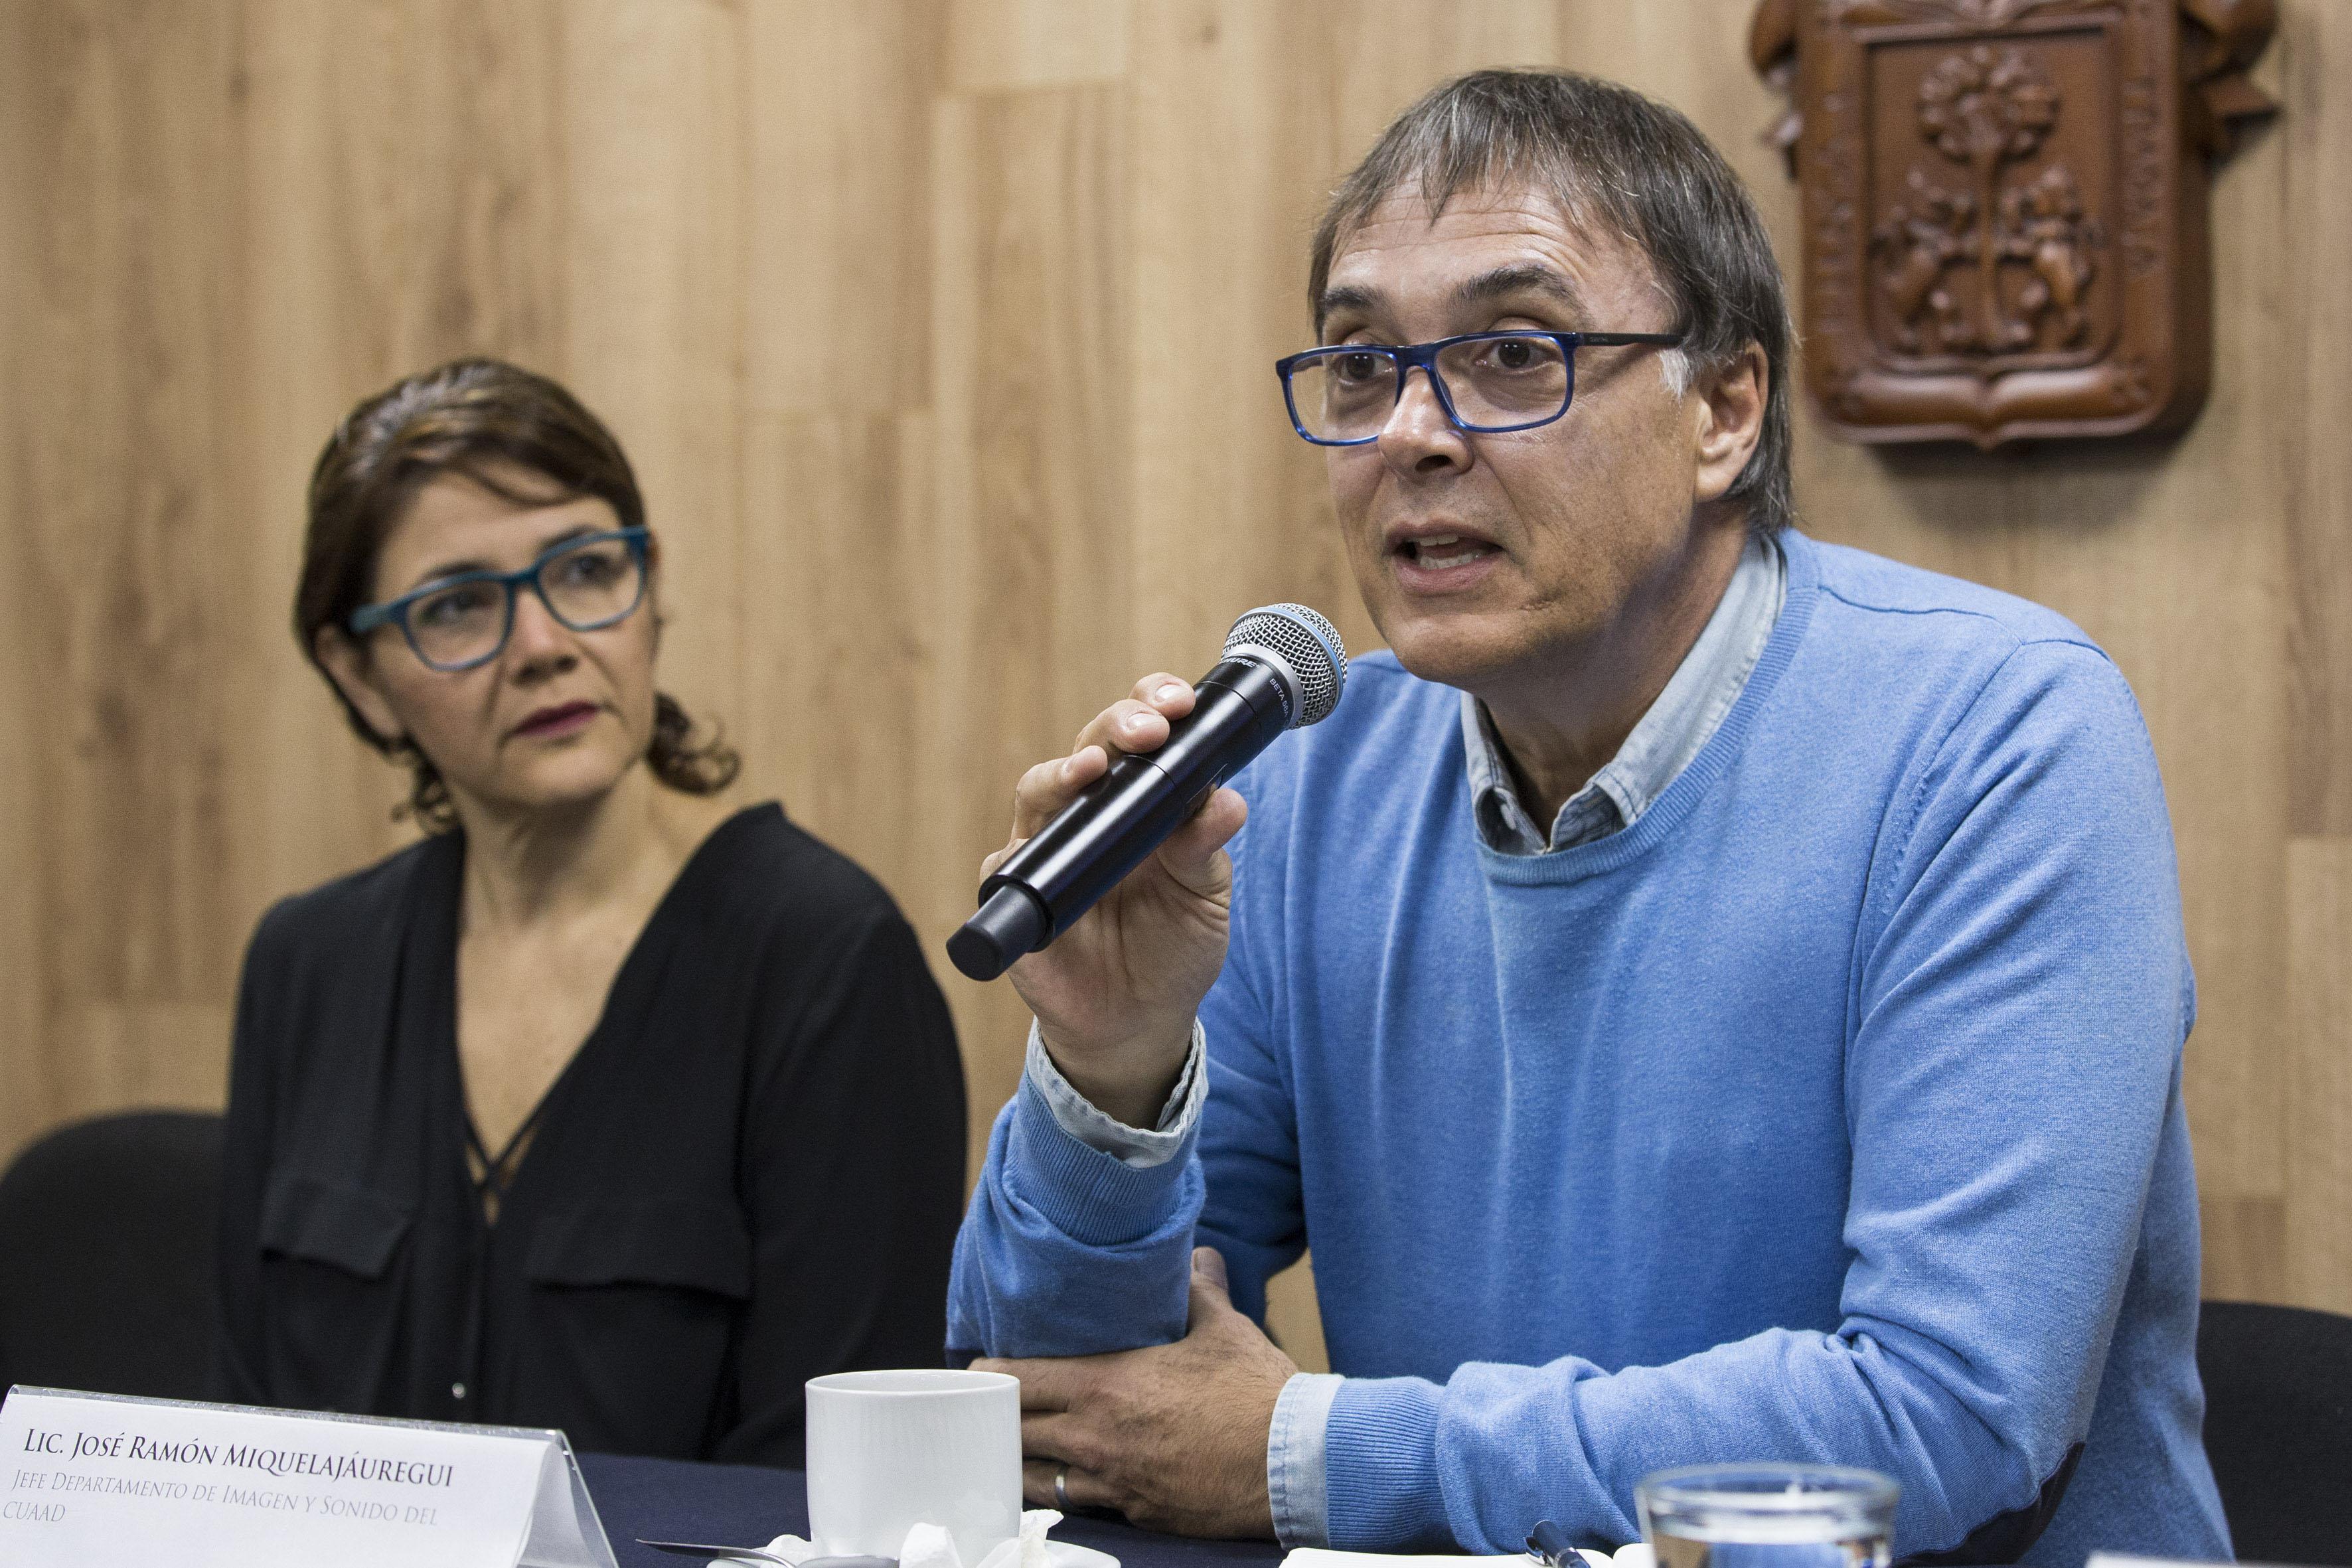 Licenciado José Ramón Miquelajáuregui, jefe del Departamento de Imagen y Sonido (DIS), haciendo uso de la palabra.